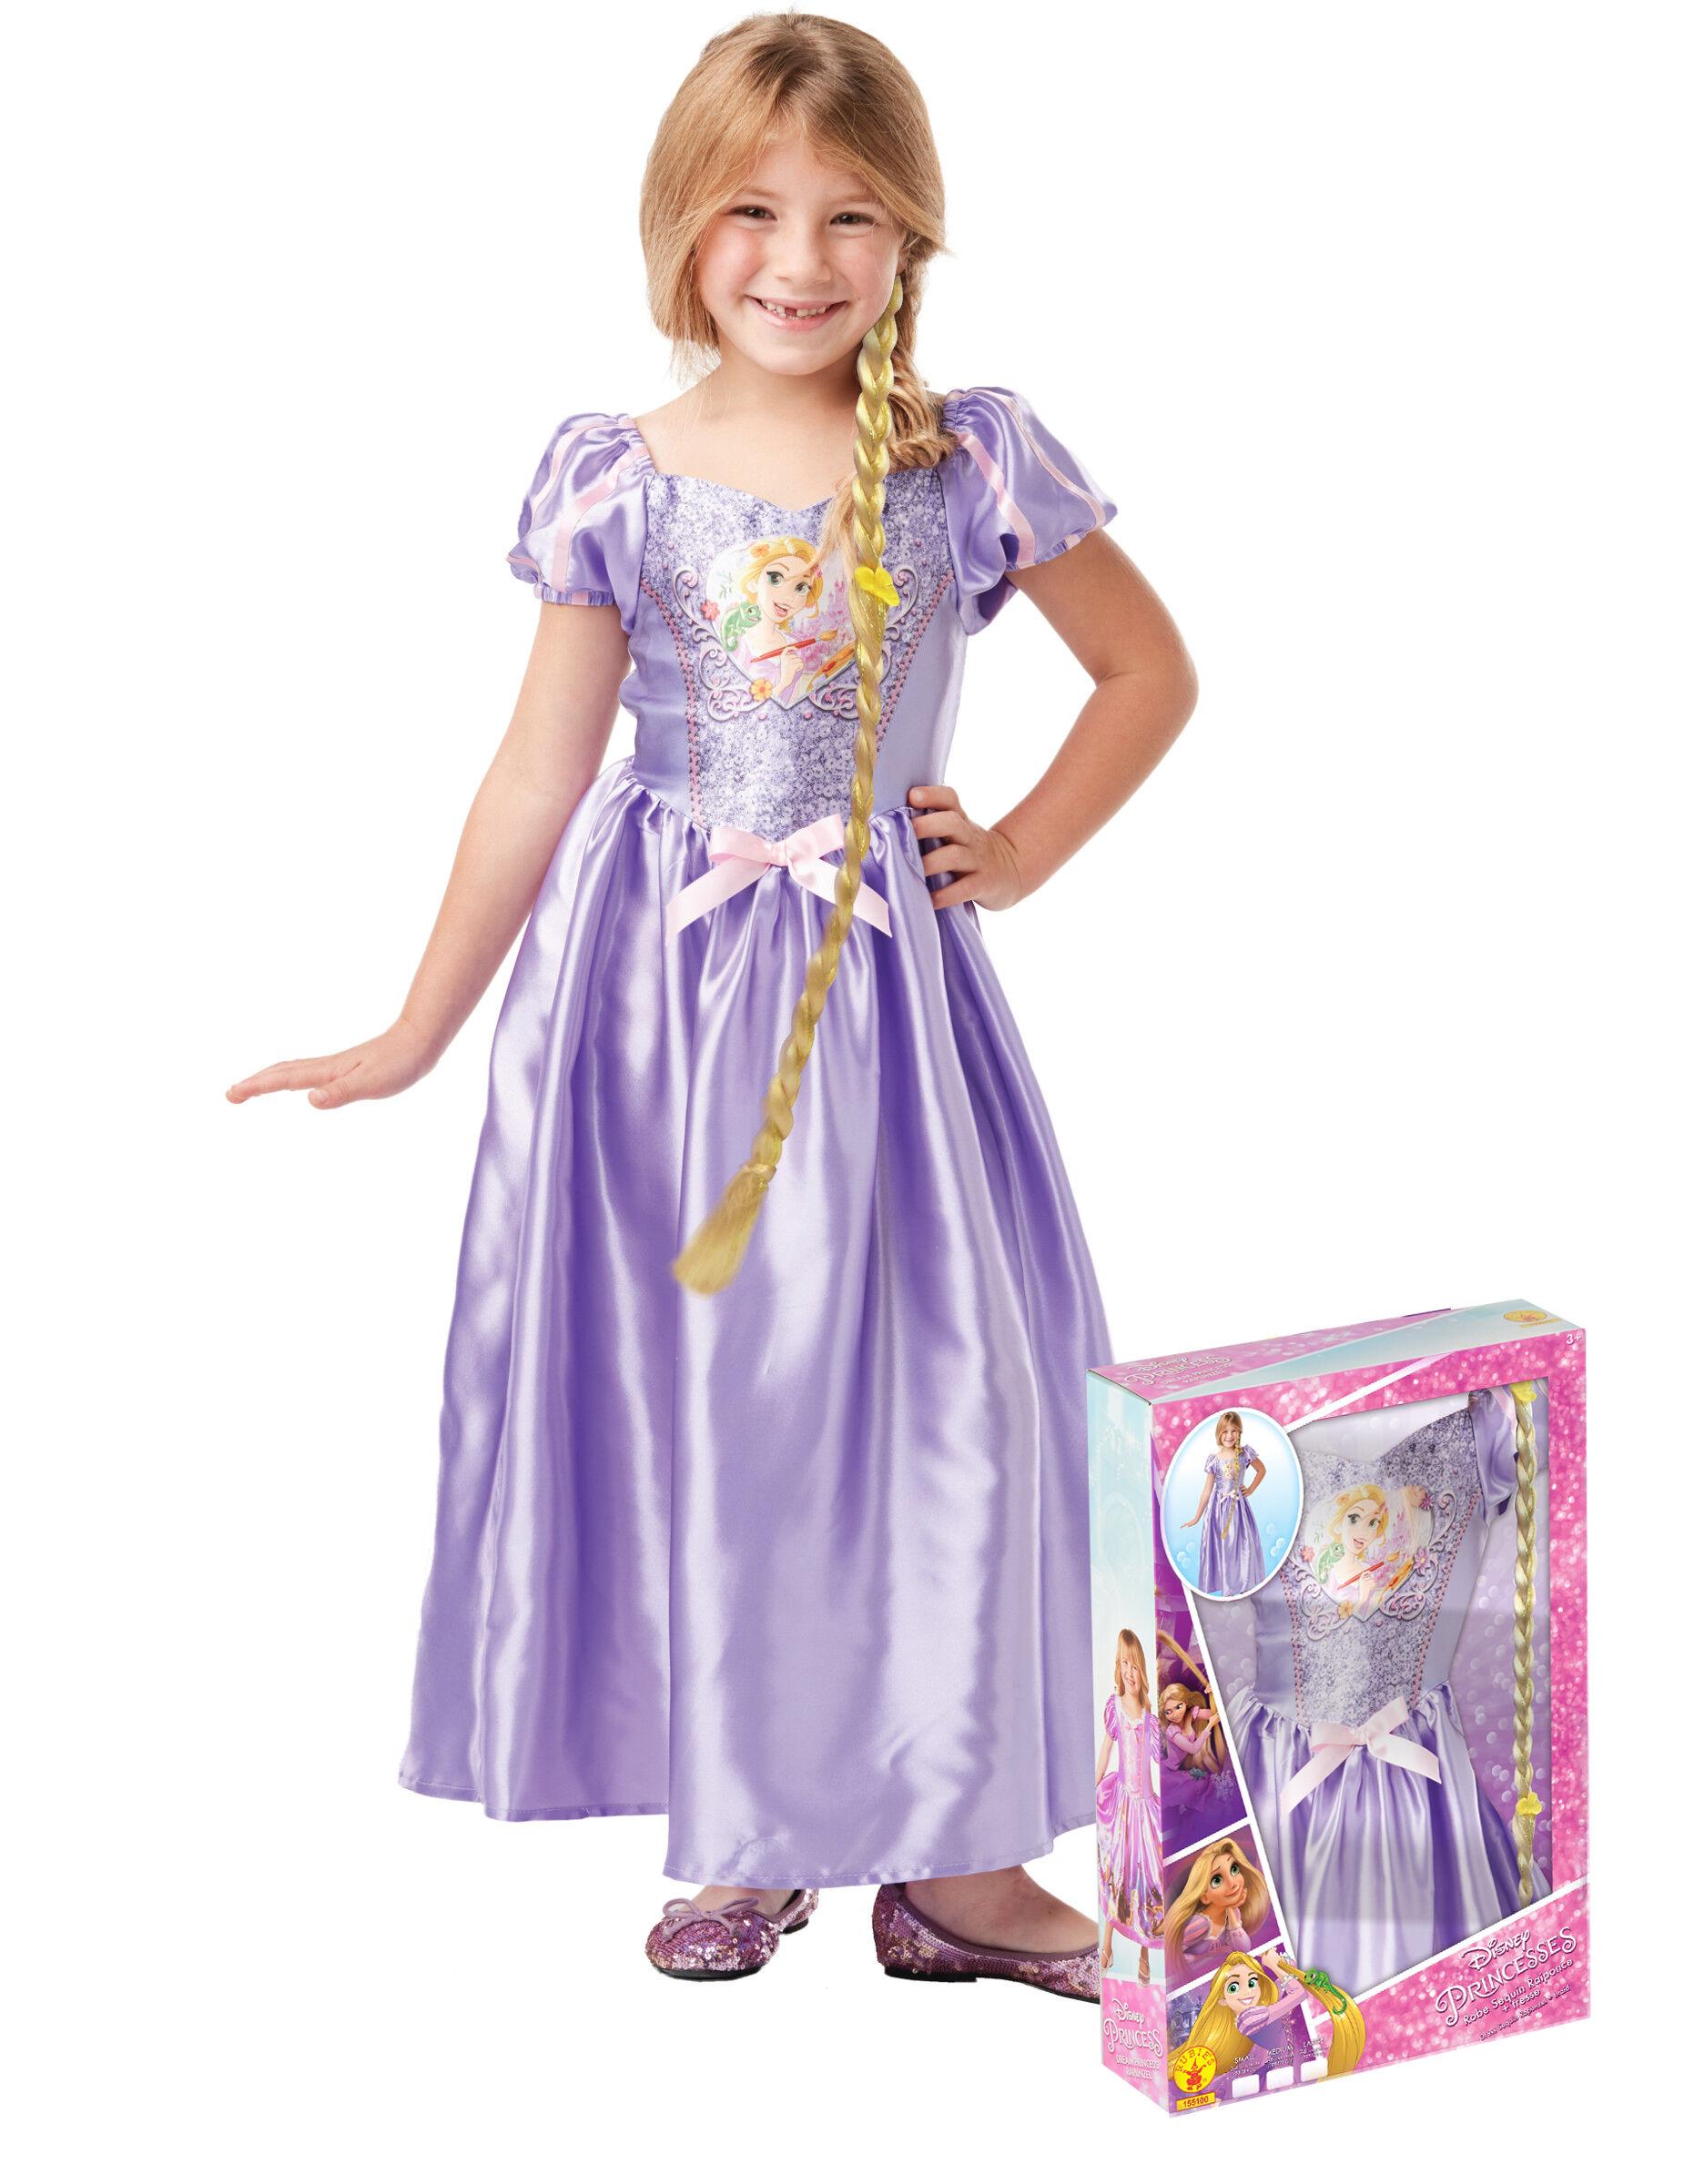 VegaooParty Coffret princesse Raiponce avec sequins et tresses fille - Taille: 5 à 6 ans (105 à 116 cm)